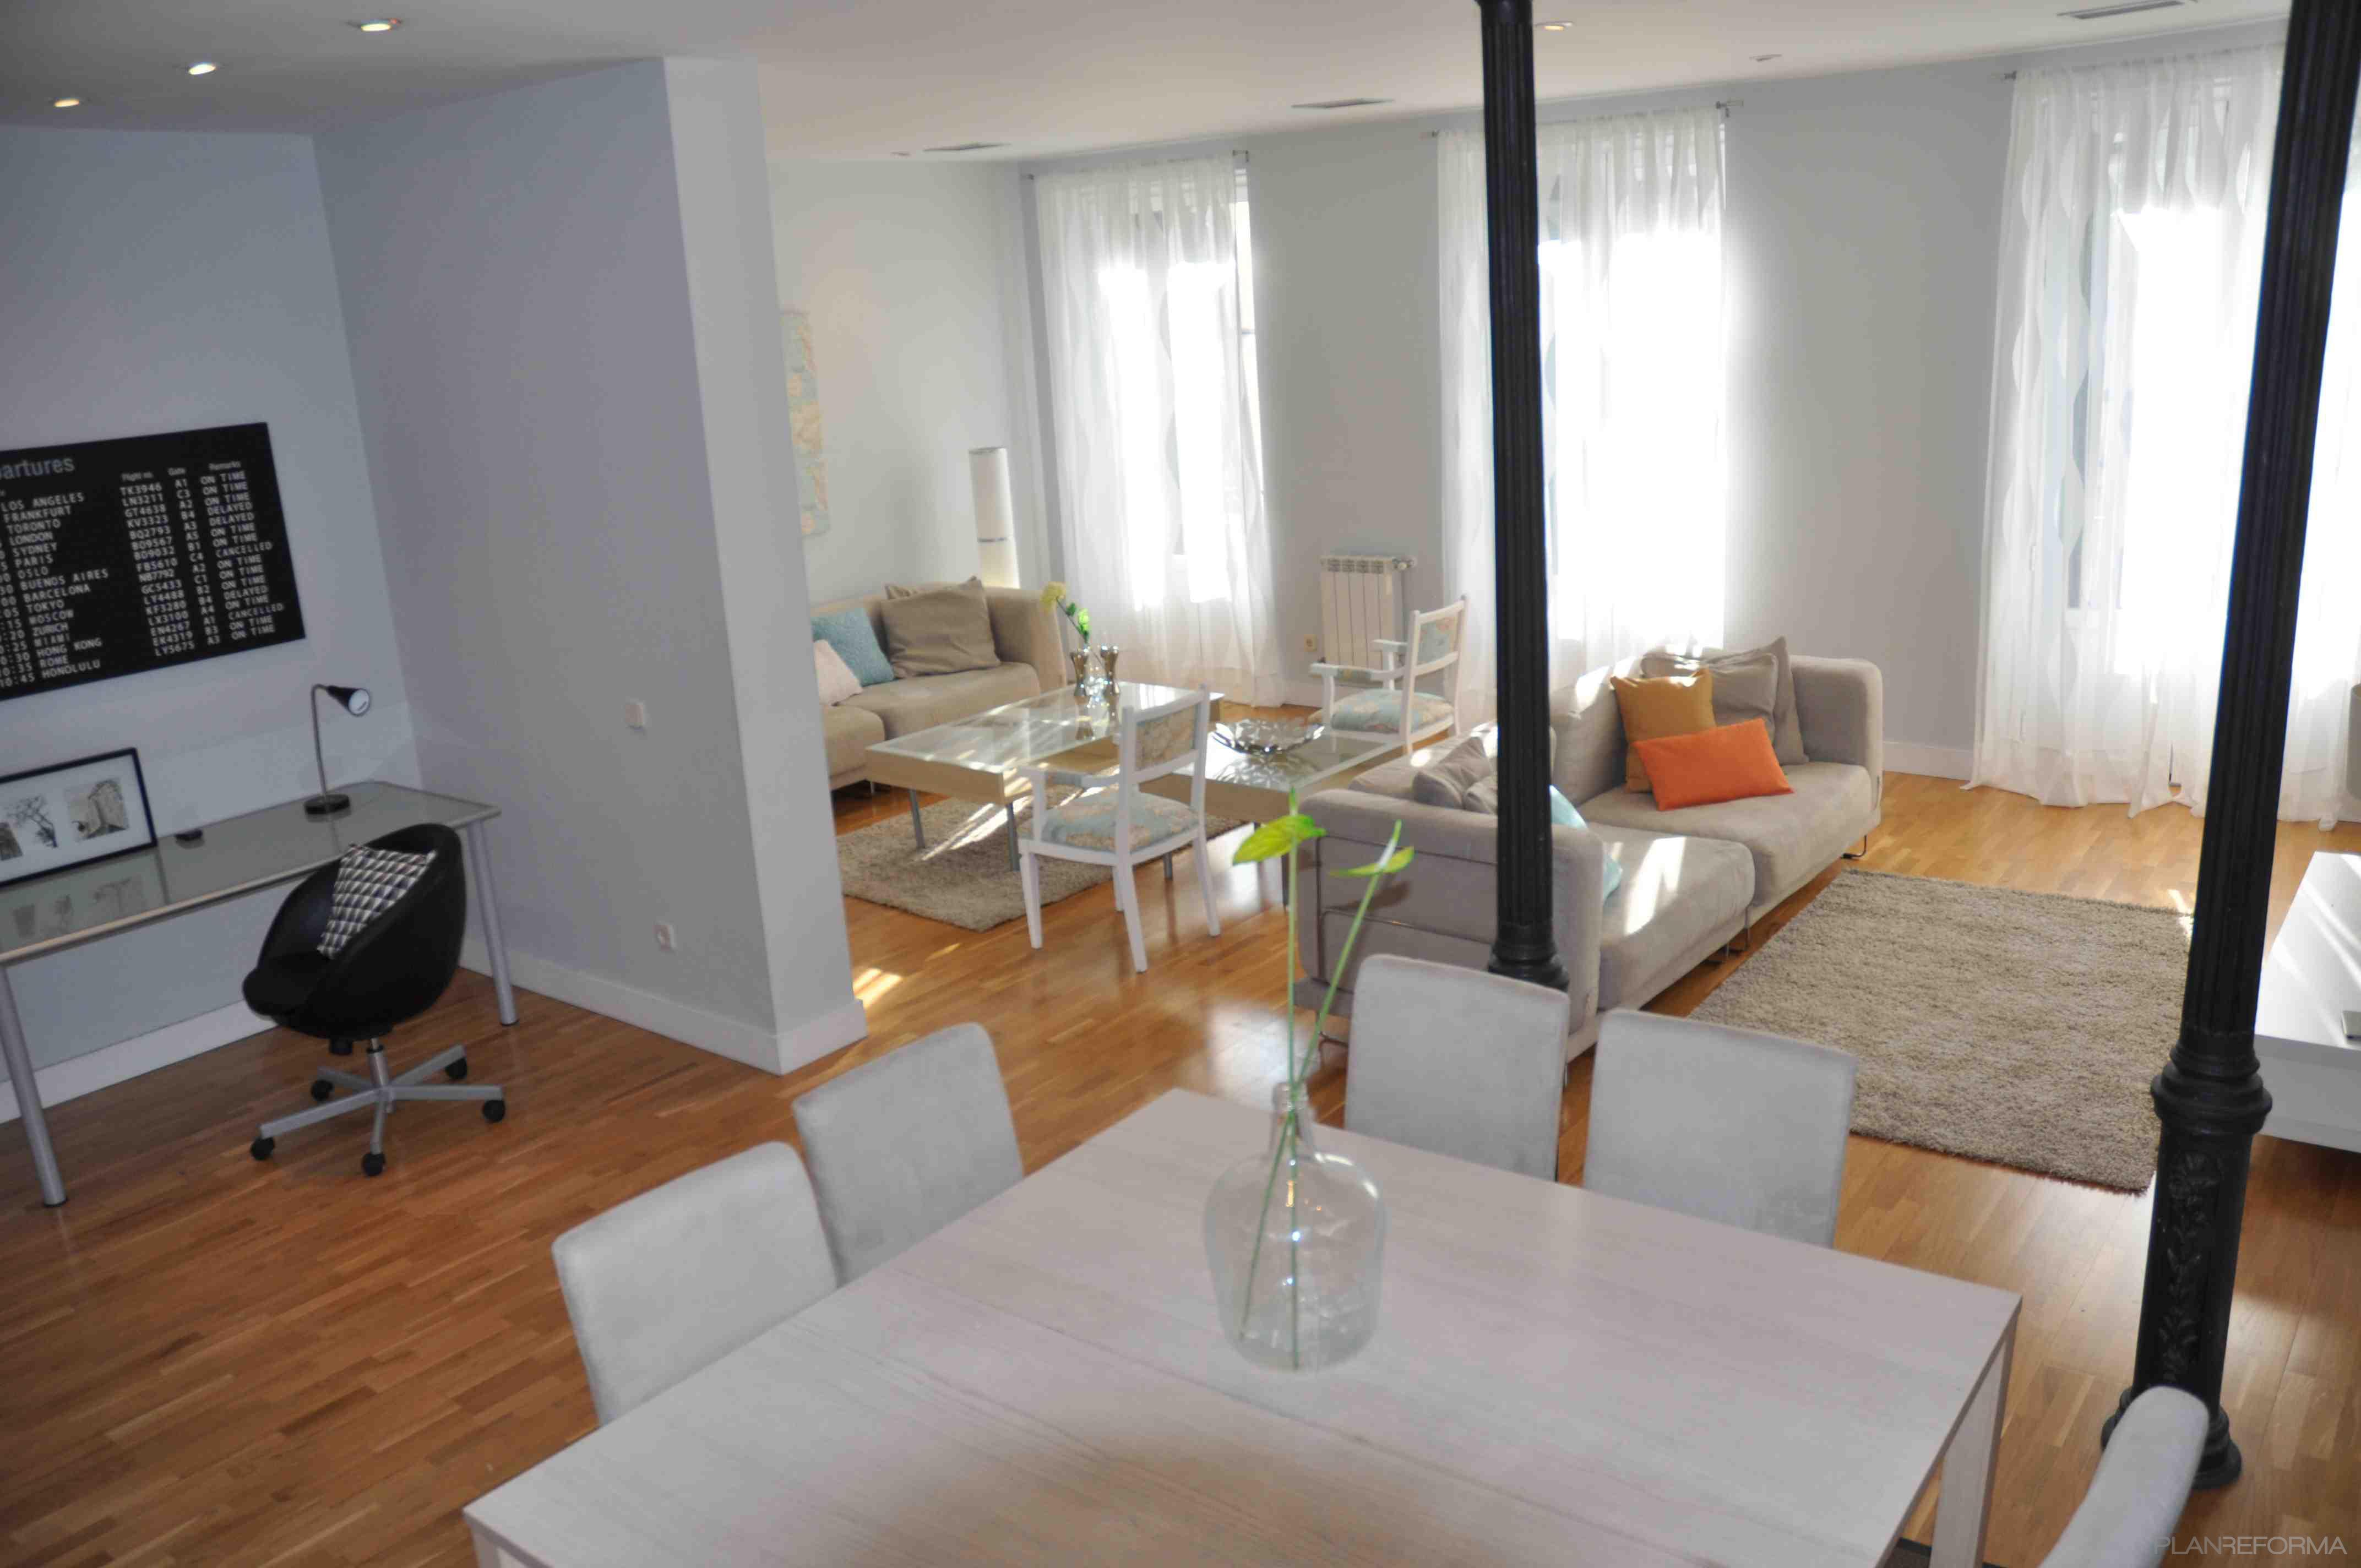 Comedor sala de la tv salon style contemporaneo color for Comedor contemporaneo